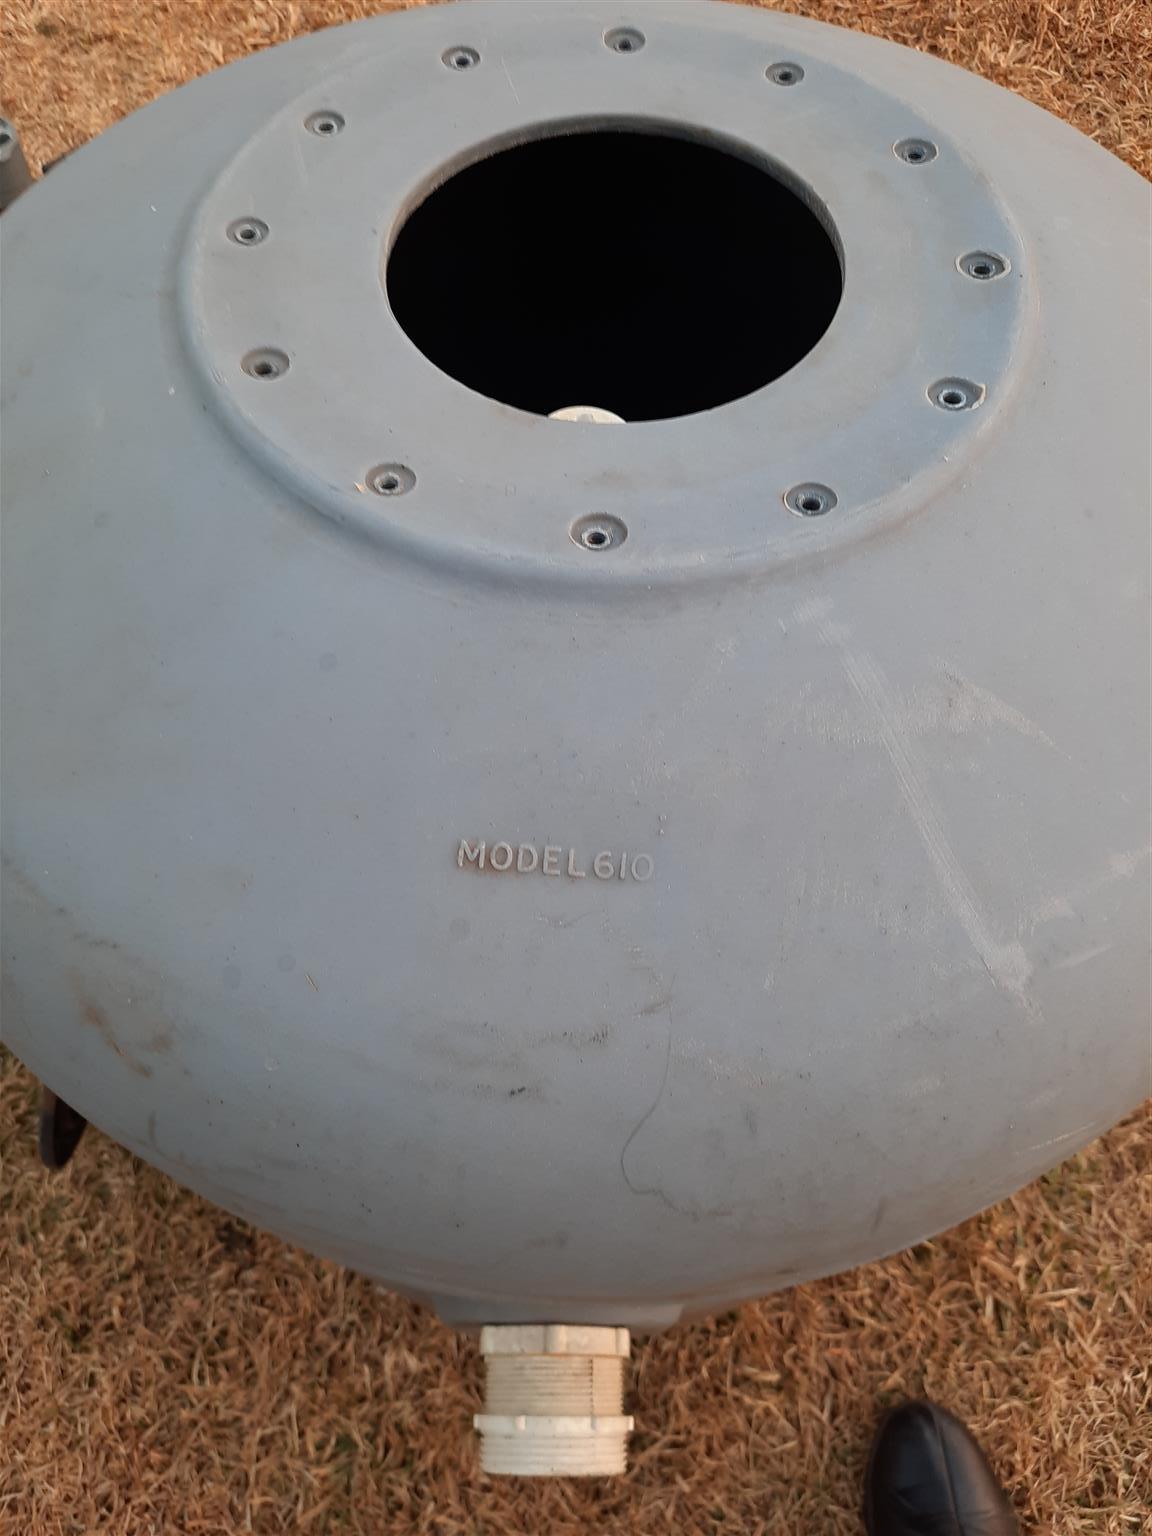 Swimming pool pump and drum. Motor 1.1 k W. Drum model 610